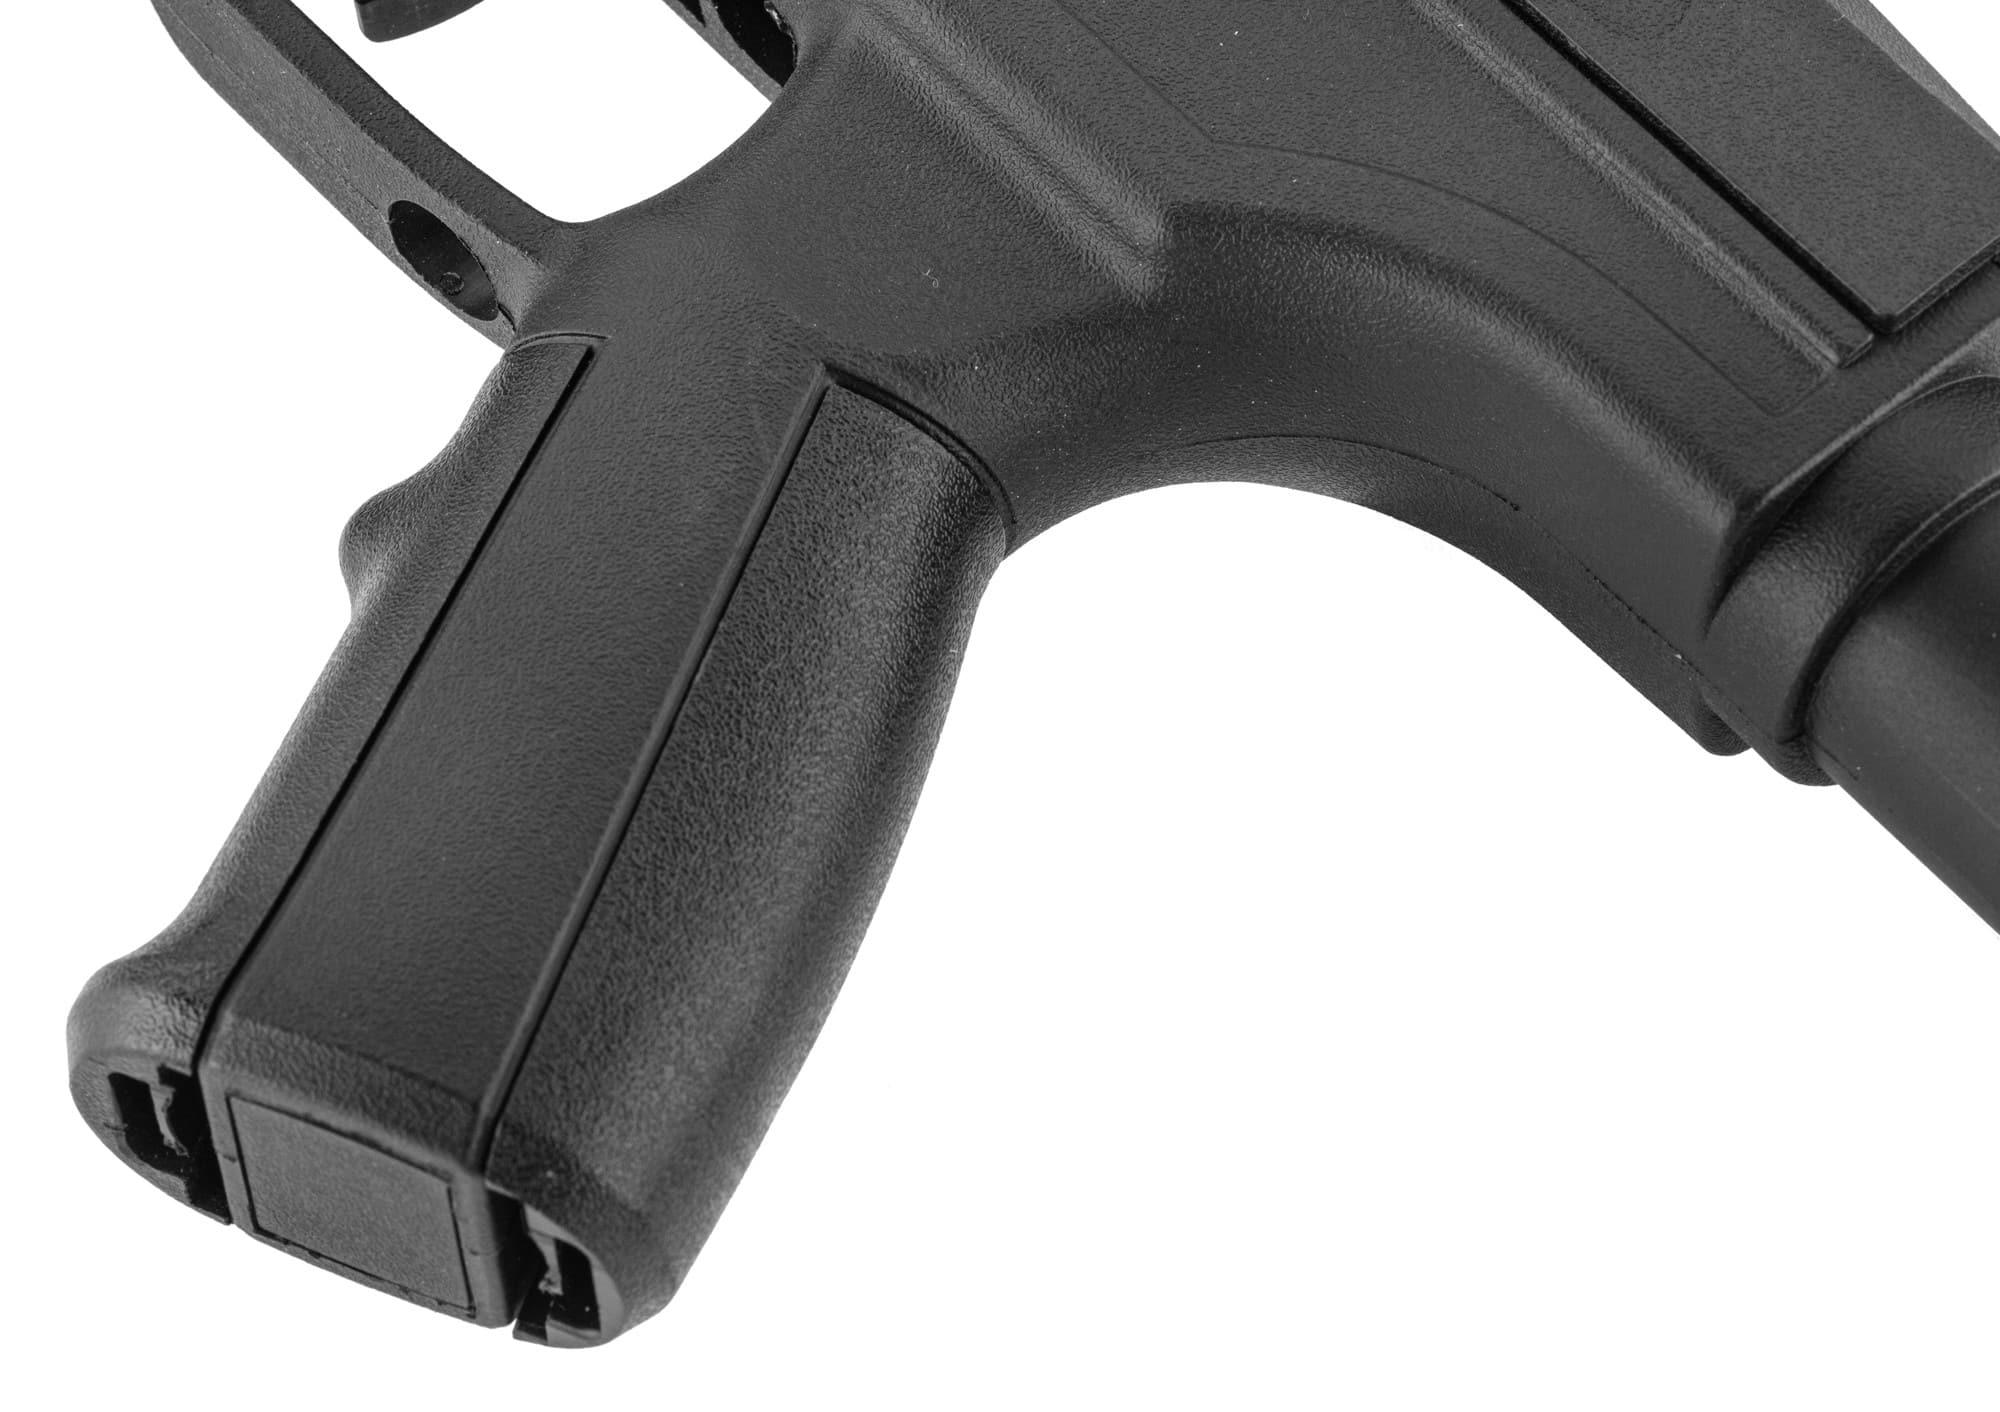 Air Rifle Pistol Airgun Barrel Kit de nettoyage 177 .22 pistolet Soins Entretien 4.5 5.5